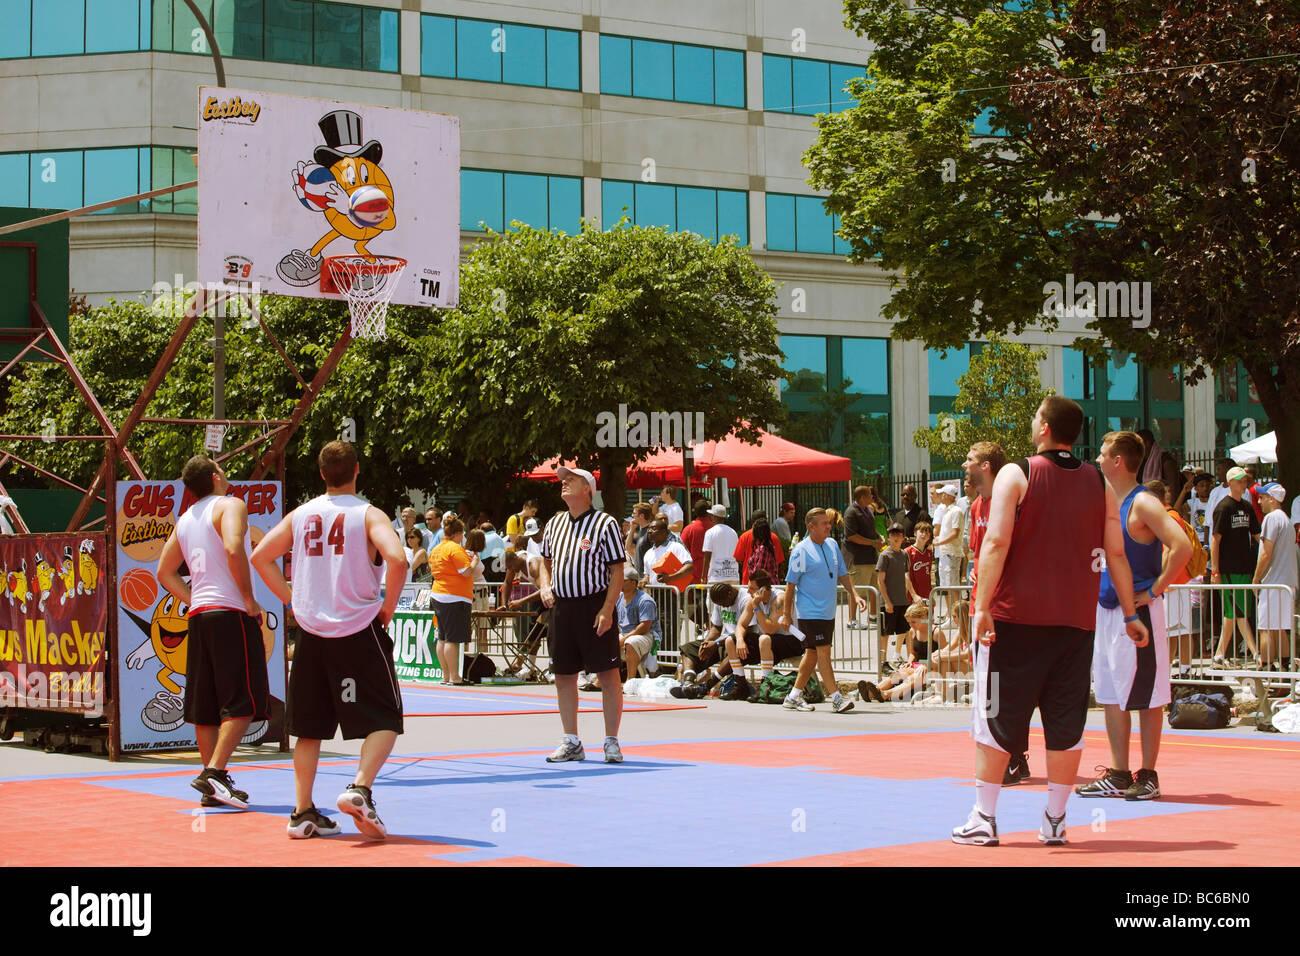 gusmacker basketball